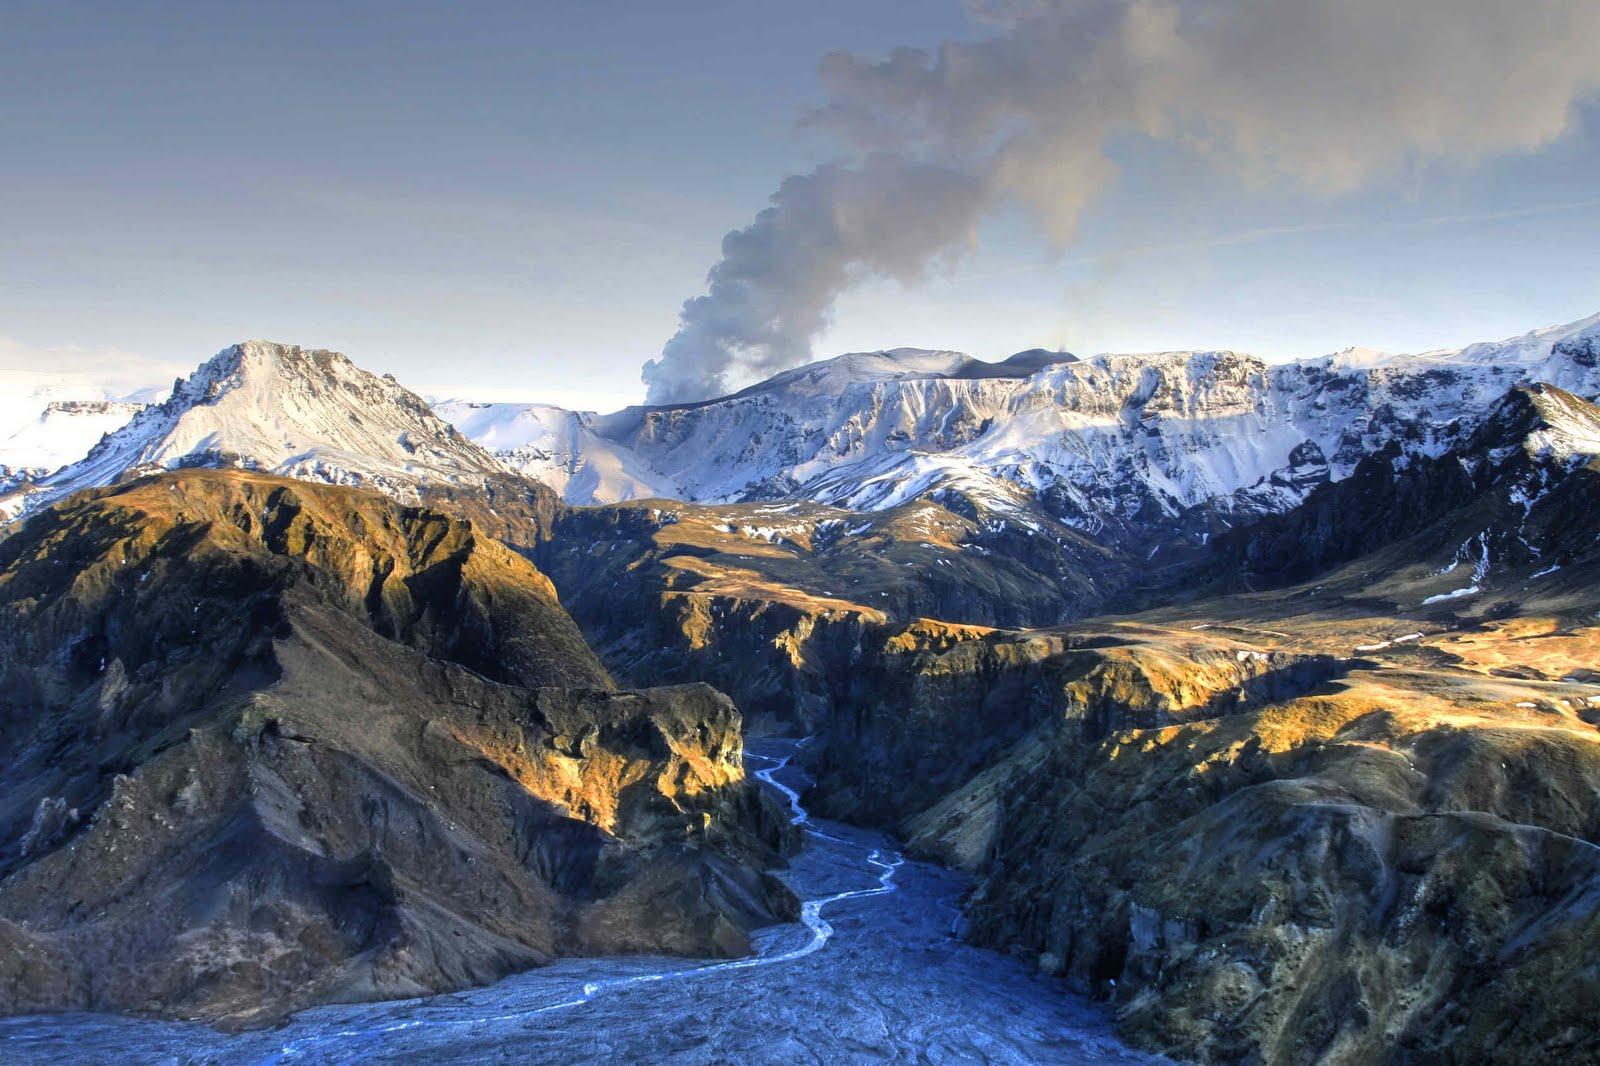 Islandia  Humilde Flor En La Eternidad  Eyjafjallaj U00d6kull  Fotos Magn U00cdficas De Grandes Profesionales